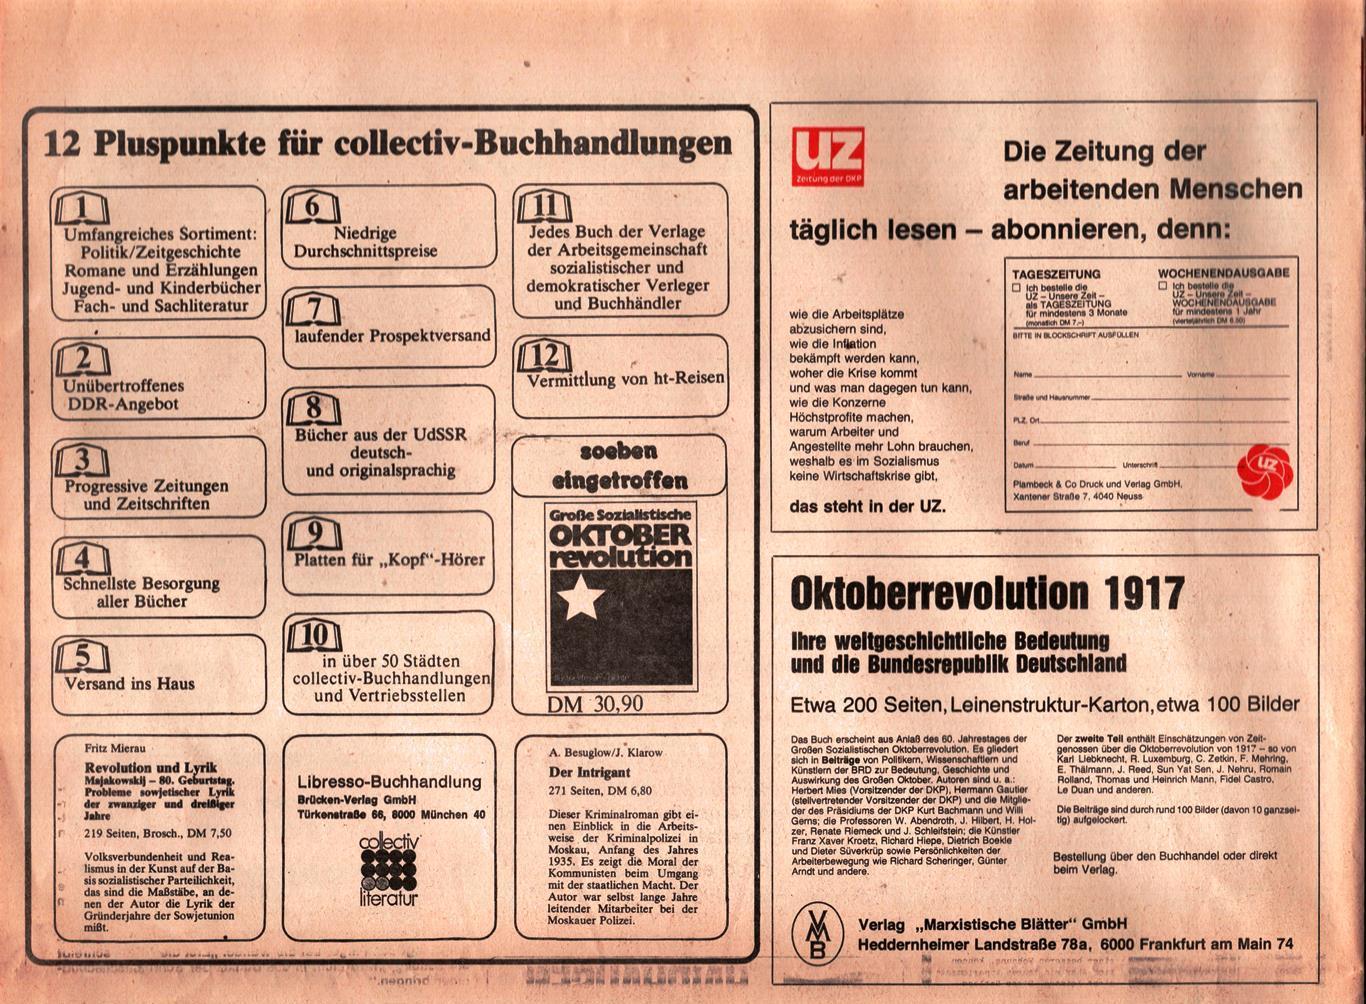 Muenchen_DKP_Neues_Muenchen_19770800_008_007